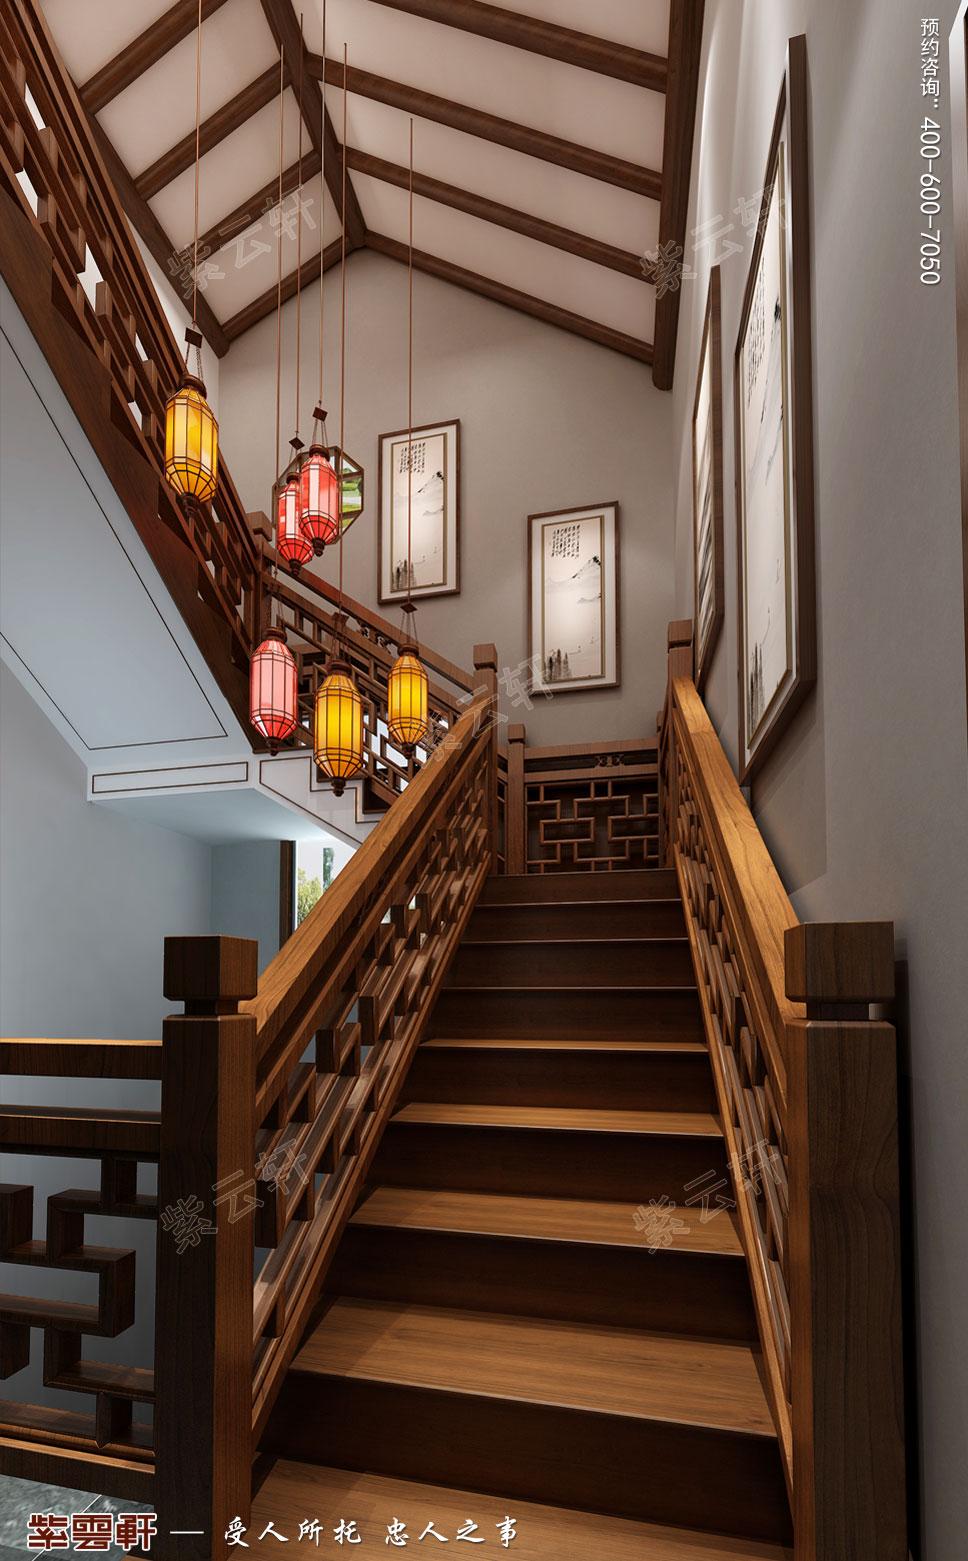 楼梯现代中式装饰效果图